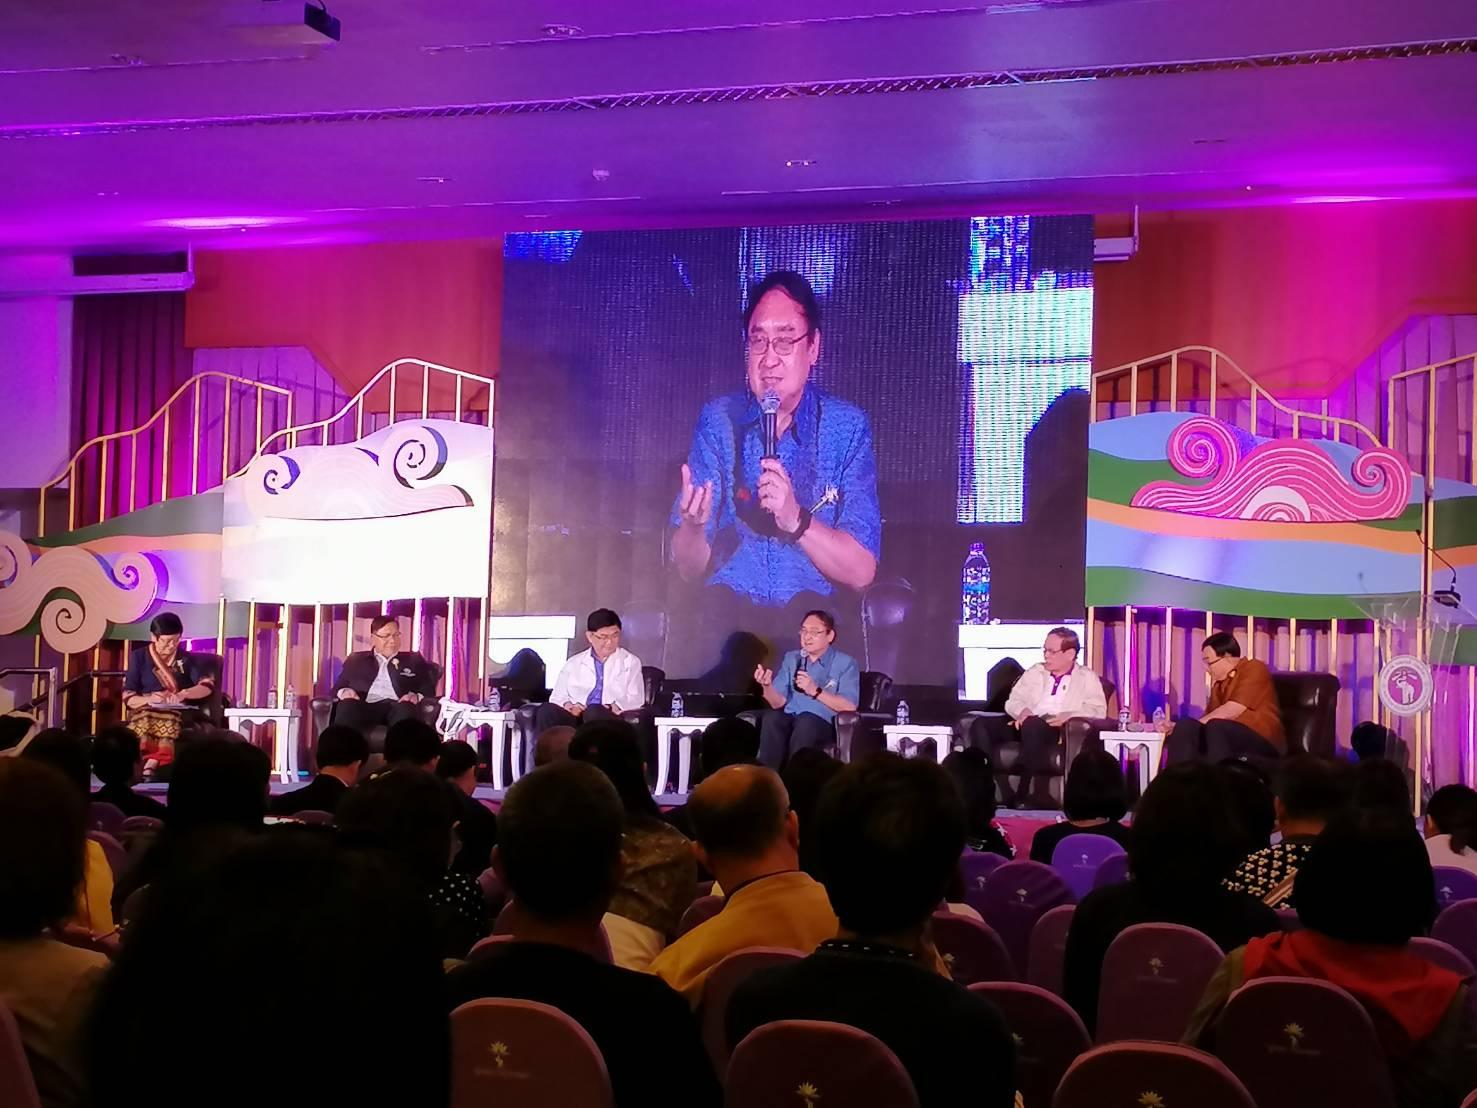 มหกรรมสานพลังสร้างสุขภาวะภาคเหนือ ครั้งที่ 2 thaihealth